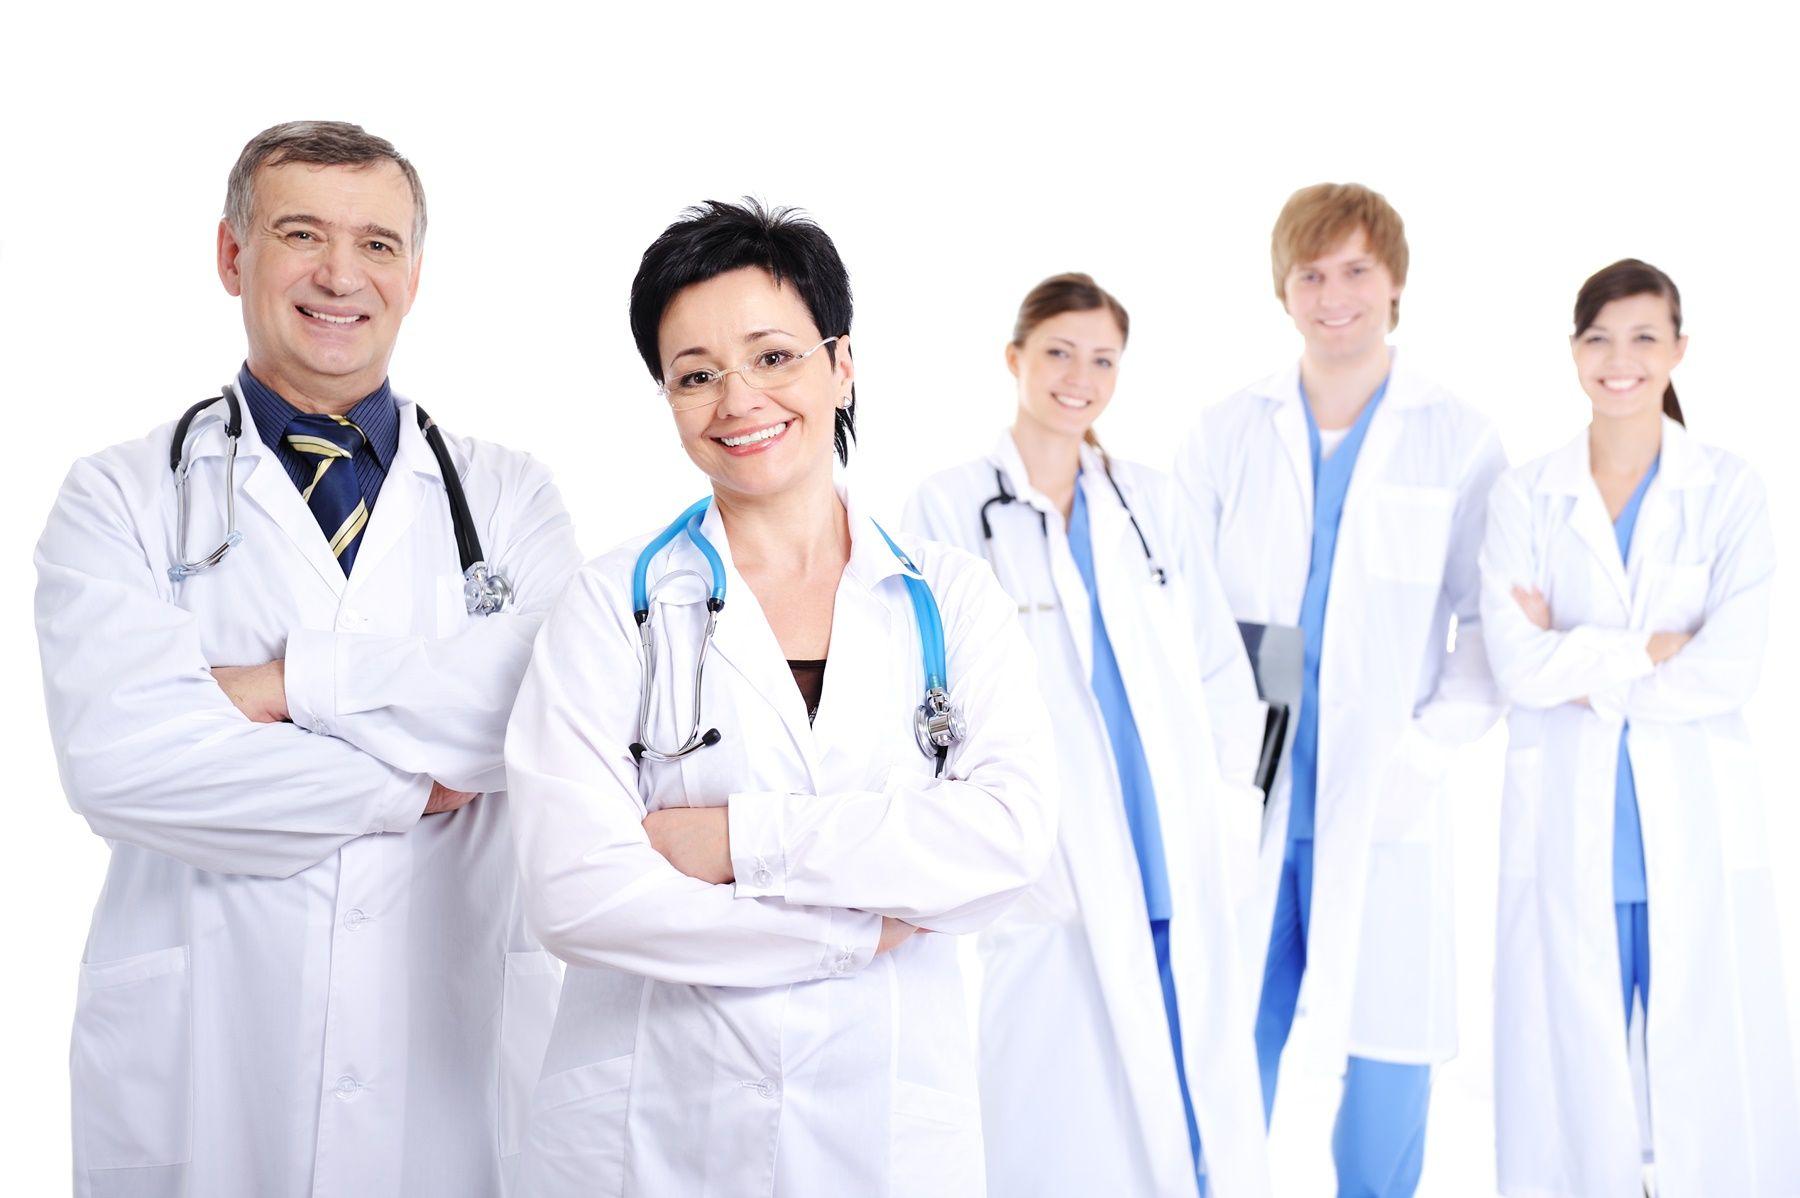 Existe diferença salarial entre homens e mulheres na medicina?